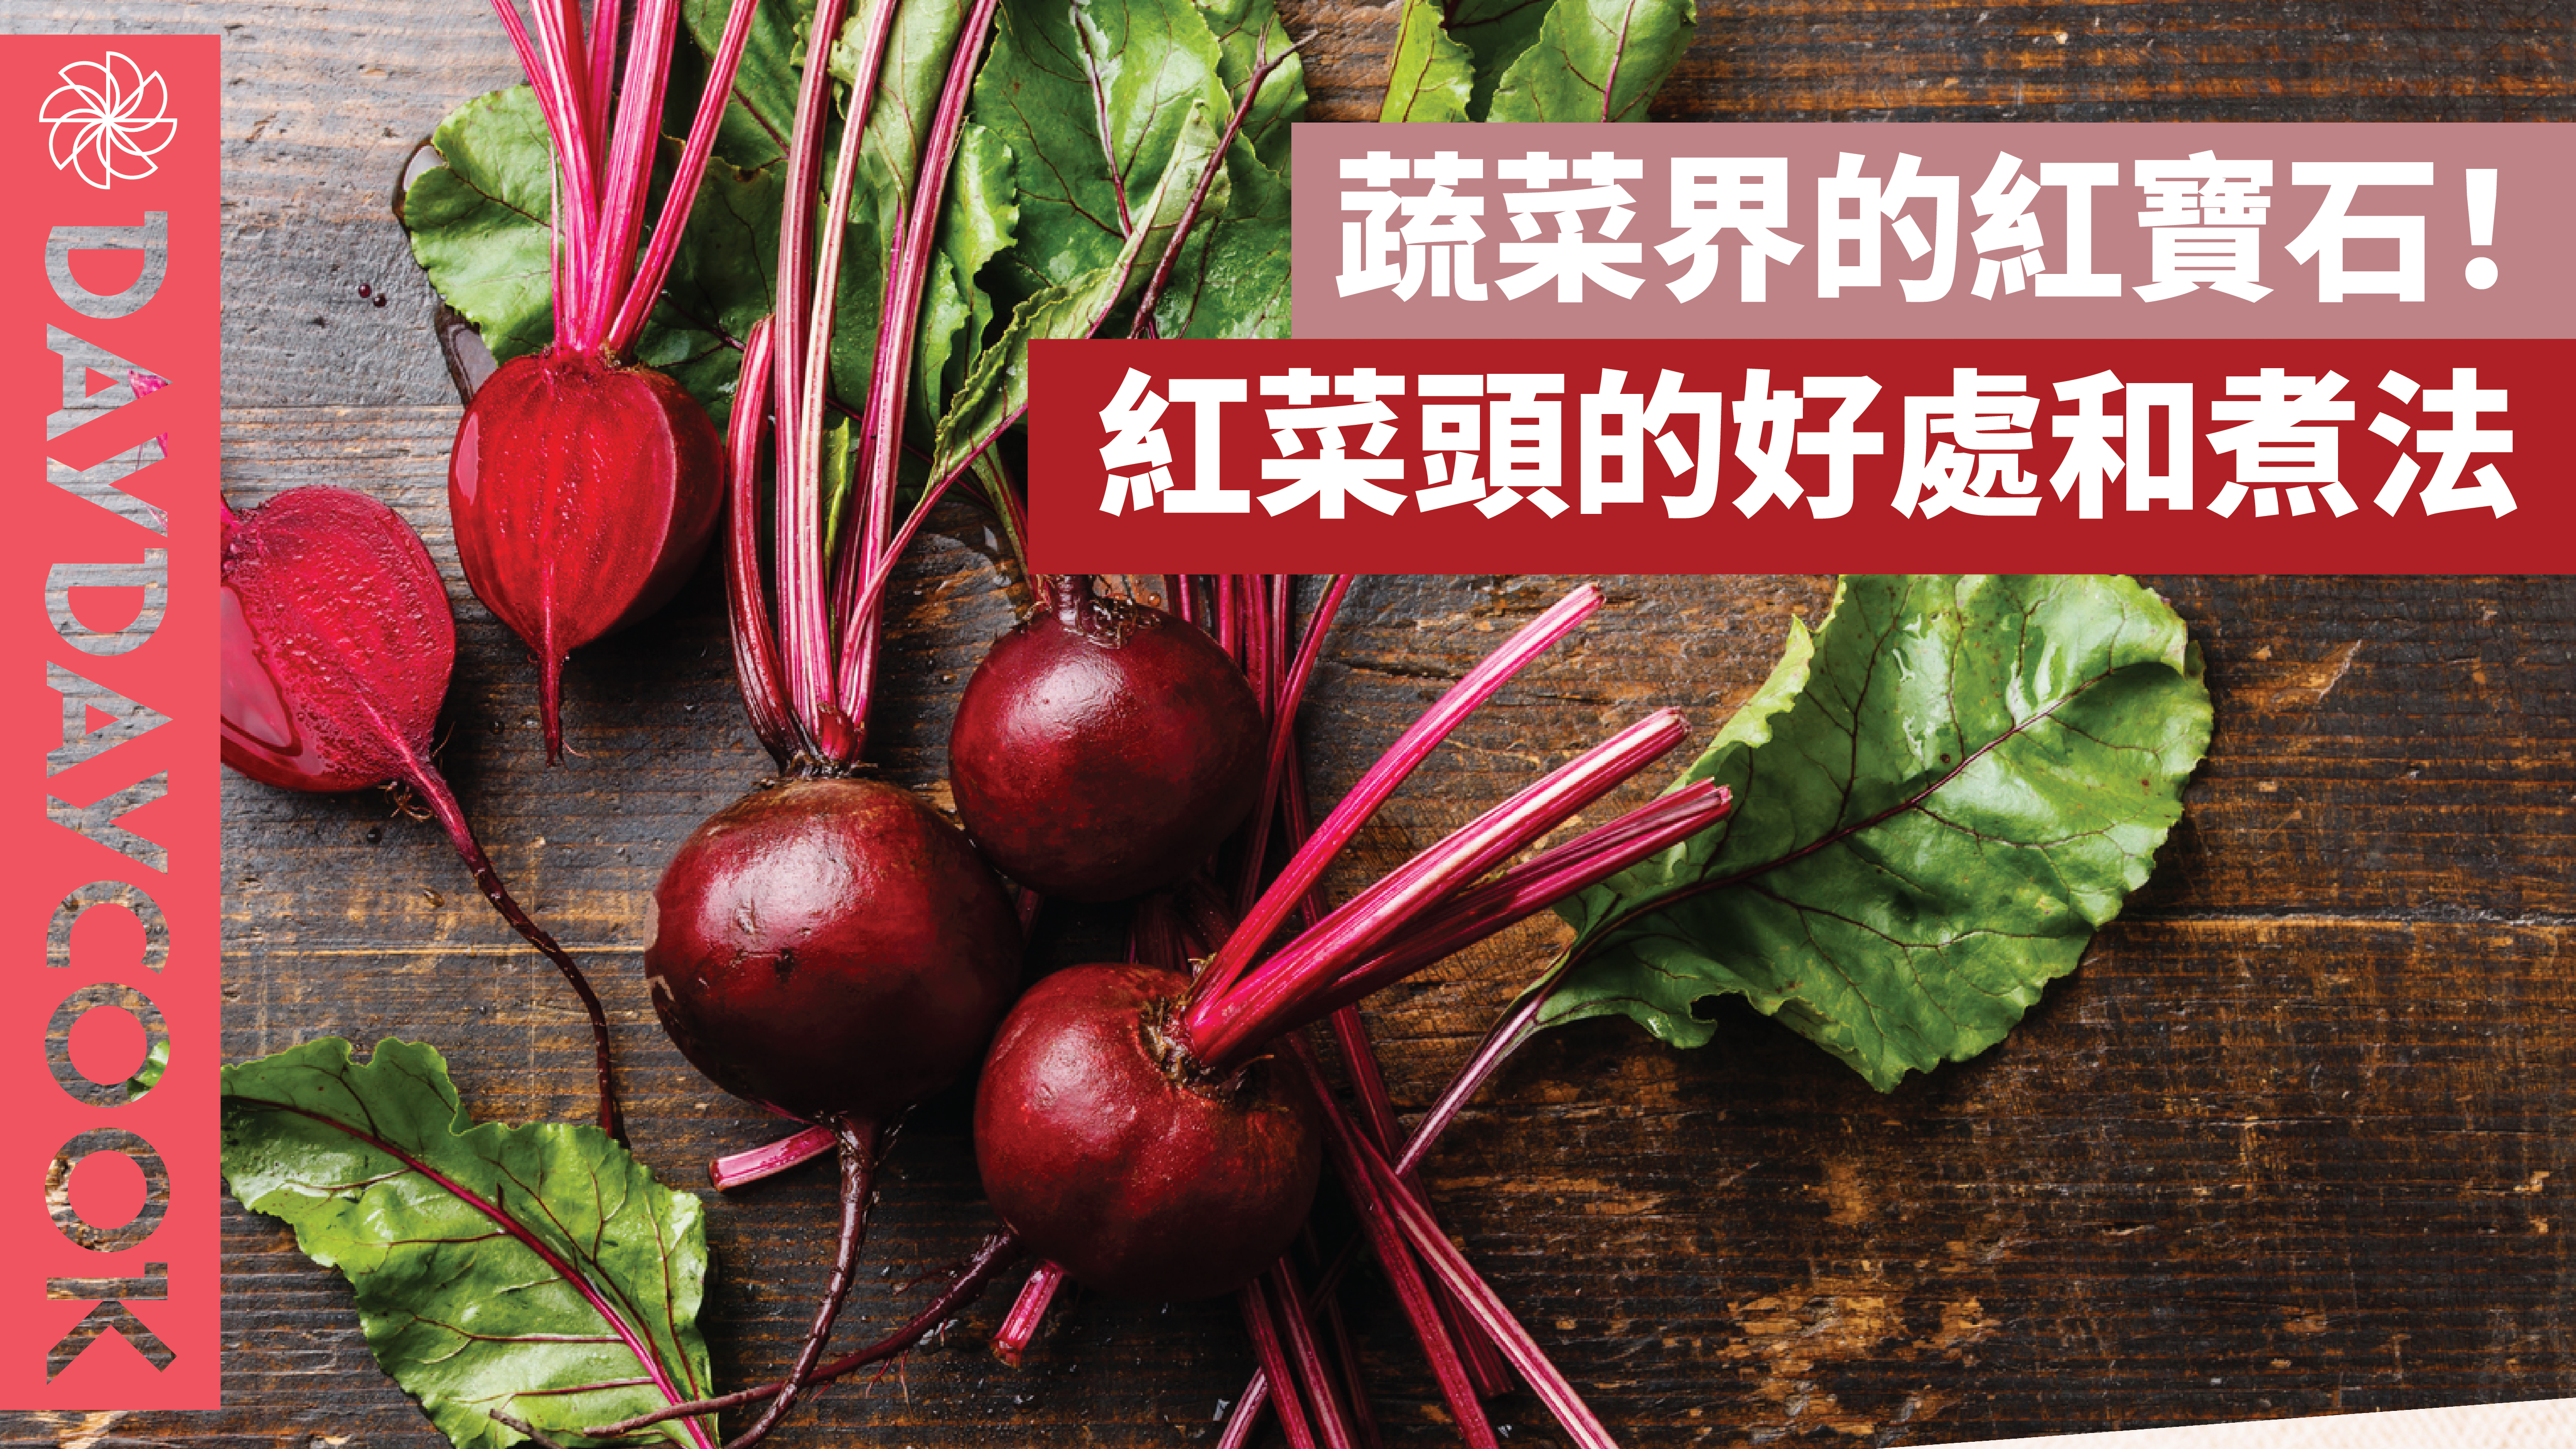 蔬菜界的紅寶石!紅菜頭的好處和煮法